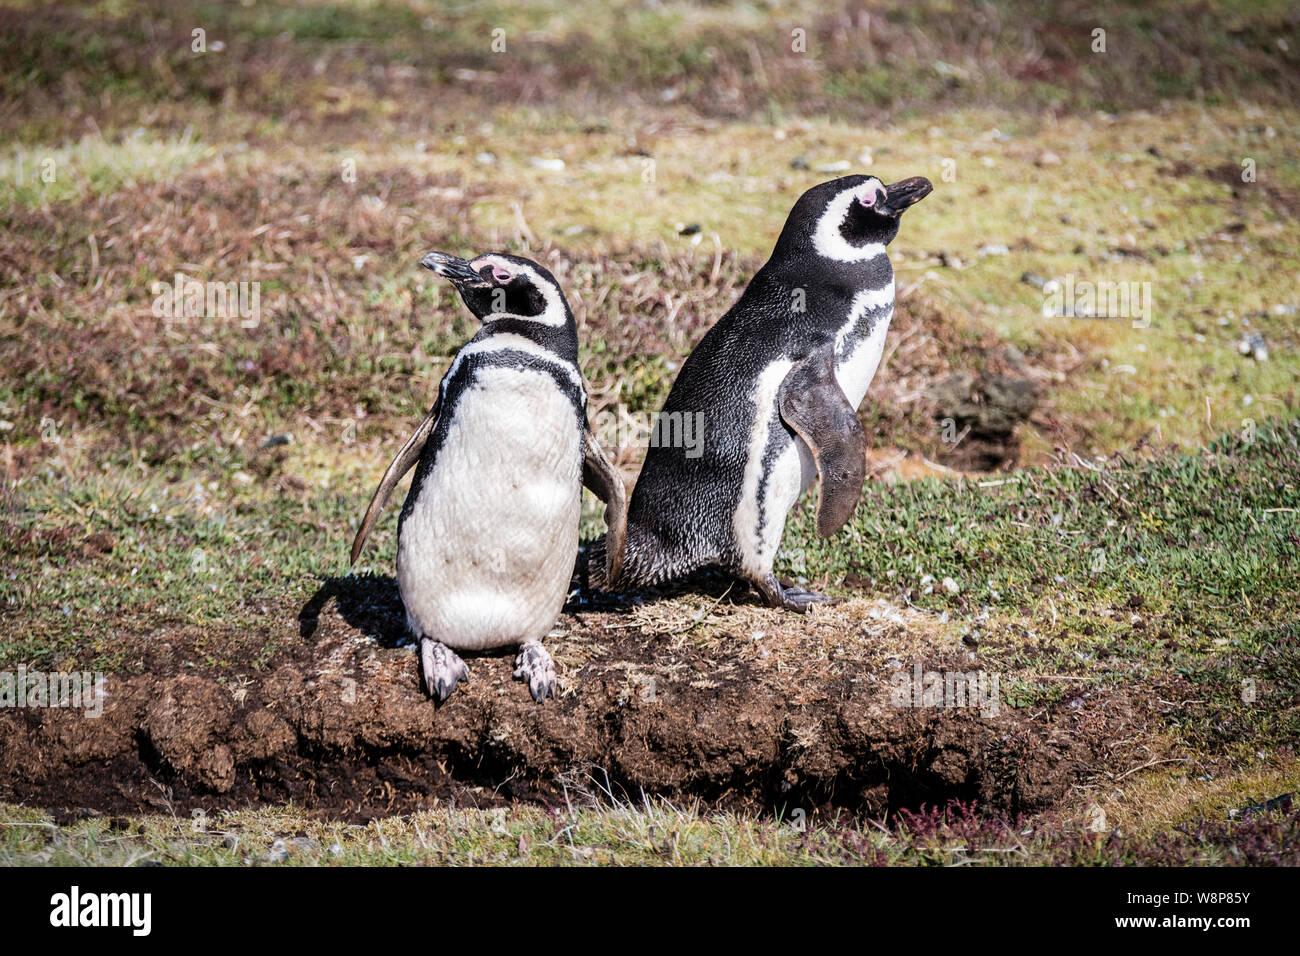 Pair of cute adult Magellanic Penguin, Spheniscus magellanicus, next to their burrow, Sea Lion Island, in Falkland Islands, British Overseas Territory Stock Photo